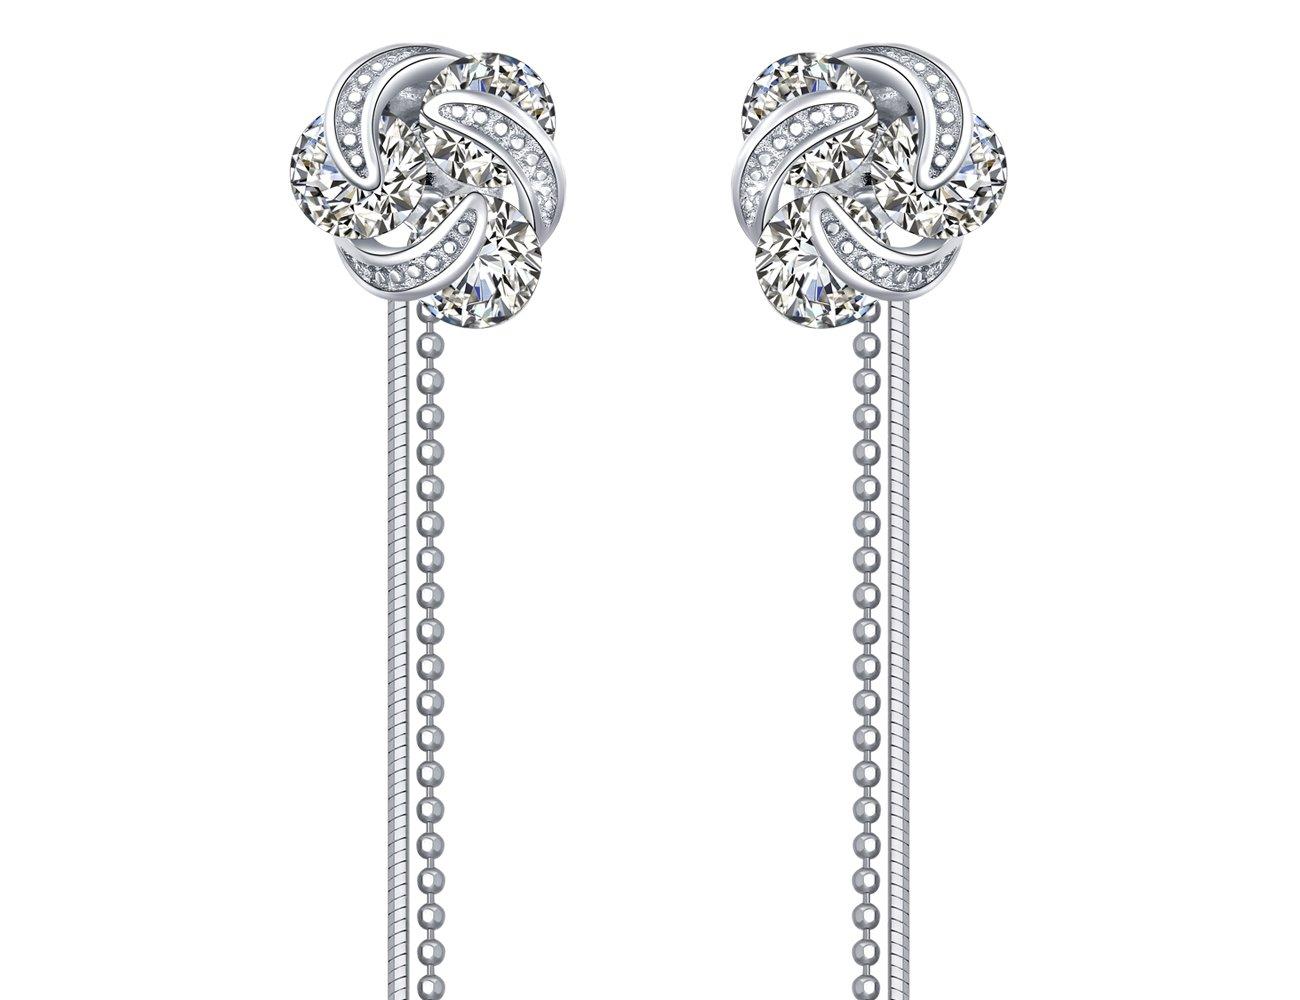 KEETEEN Love Knot Sterling Silver Twisted Zirconia Stud Earrings(Long Tassel/Short Stud Changeable)